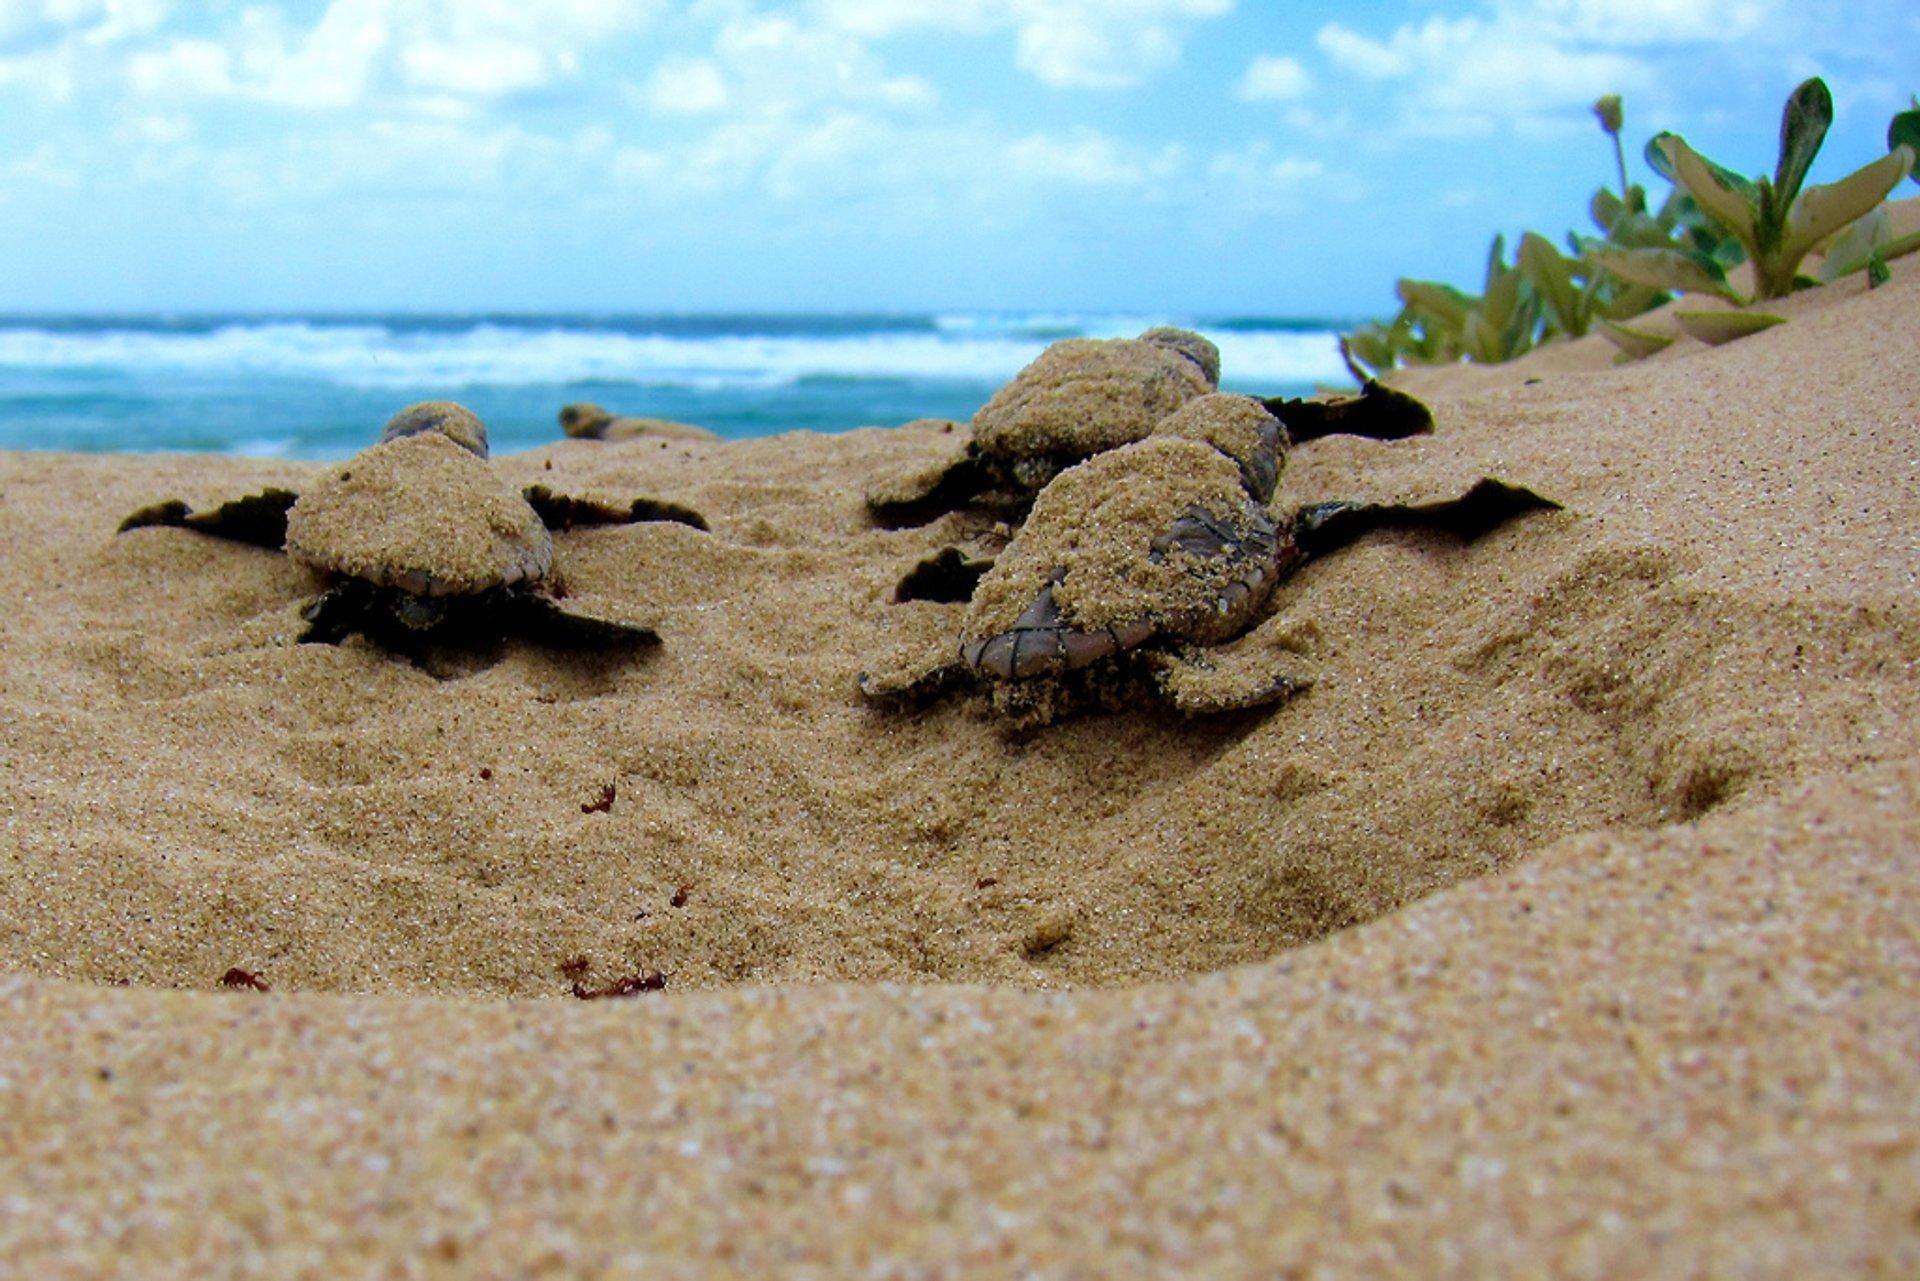 Loggerhead turtles in Mabibi 2020